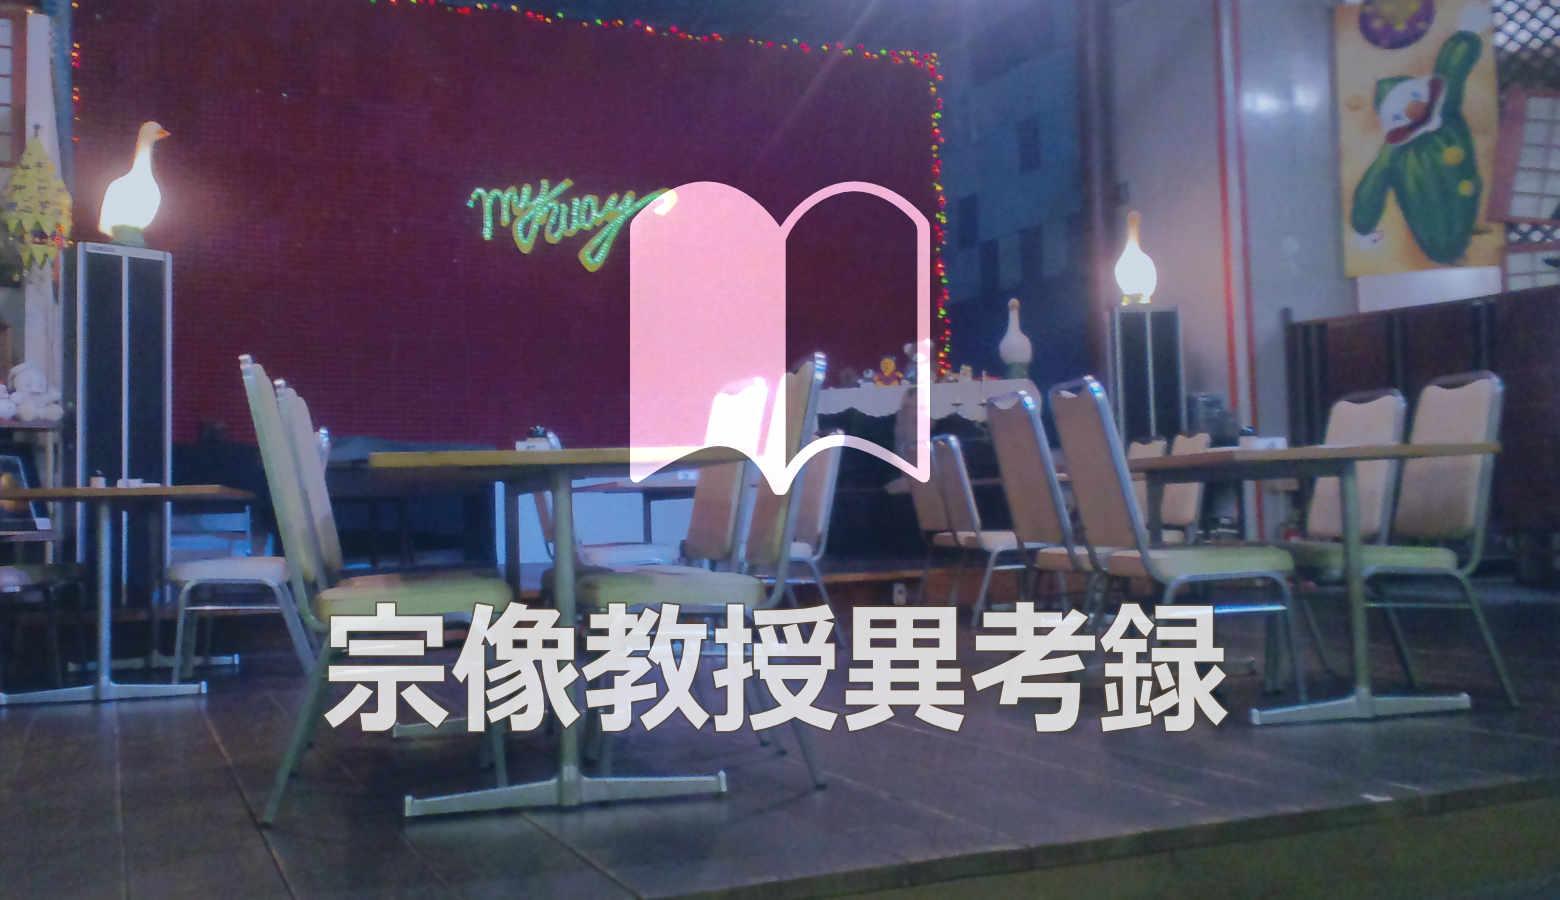 『宗像教授異考録』第6集に竹取物語をめぐる関西を舞台にしたお話が面白い【コミック】